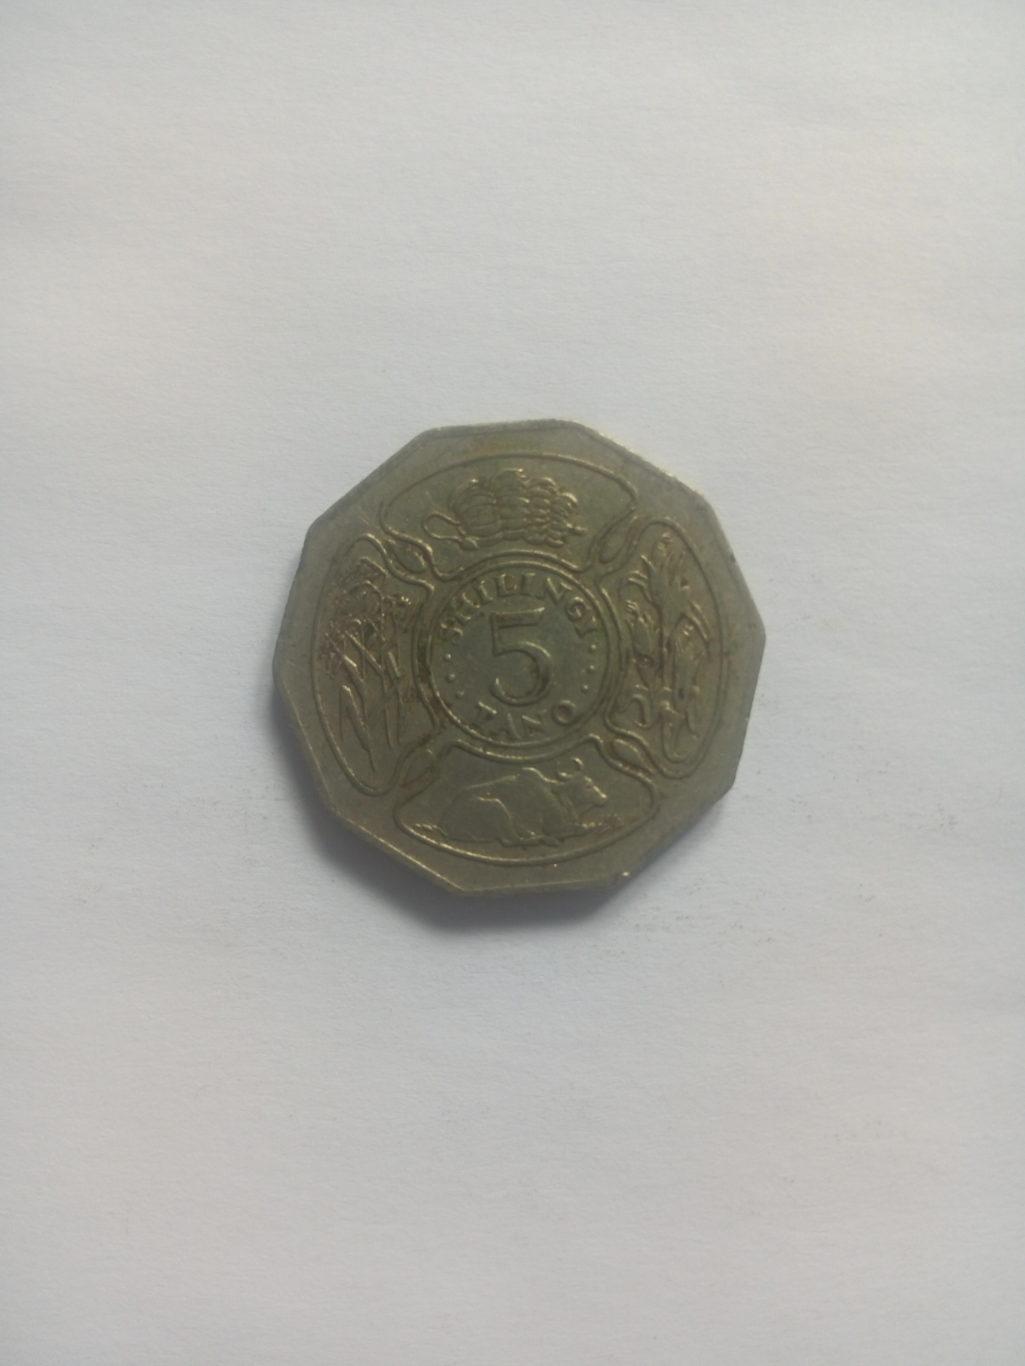 1991_shilingi 5 ya tanzania